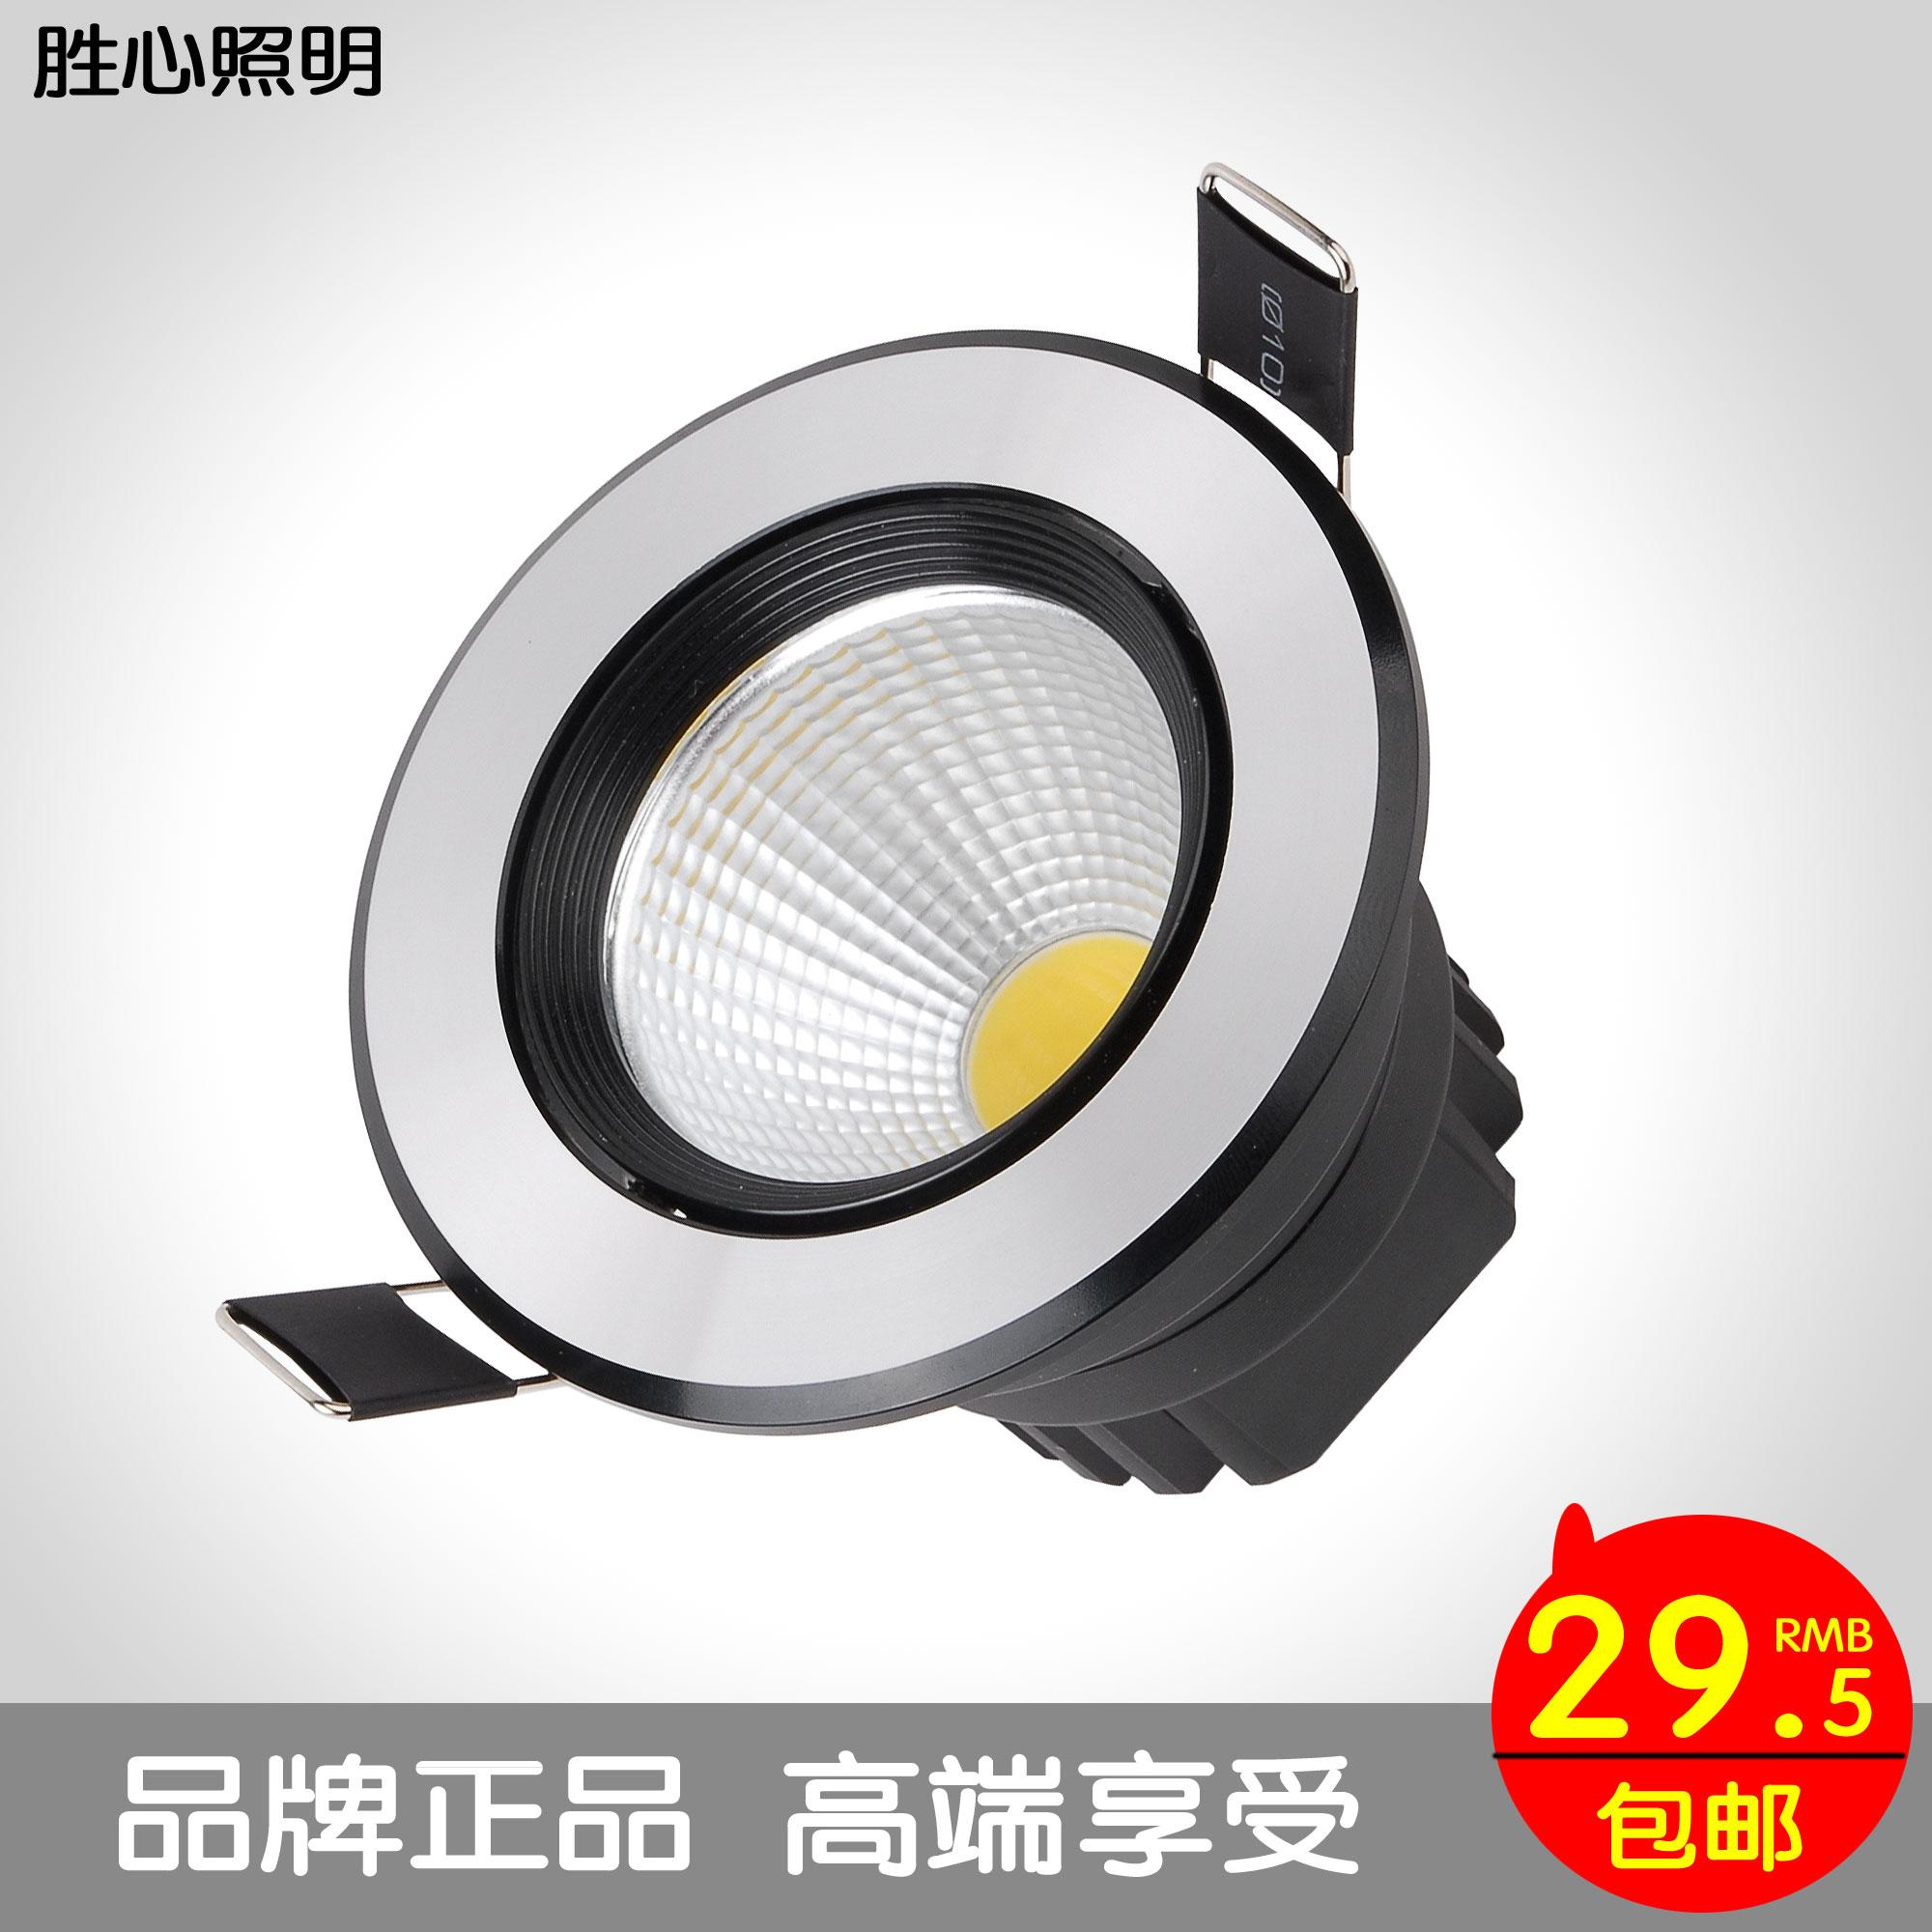 胜心LED筒灯防雾一体化全套2.5寸3W5W背景墙灯吊顶COB天花射灯具